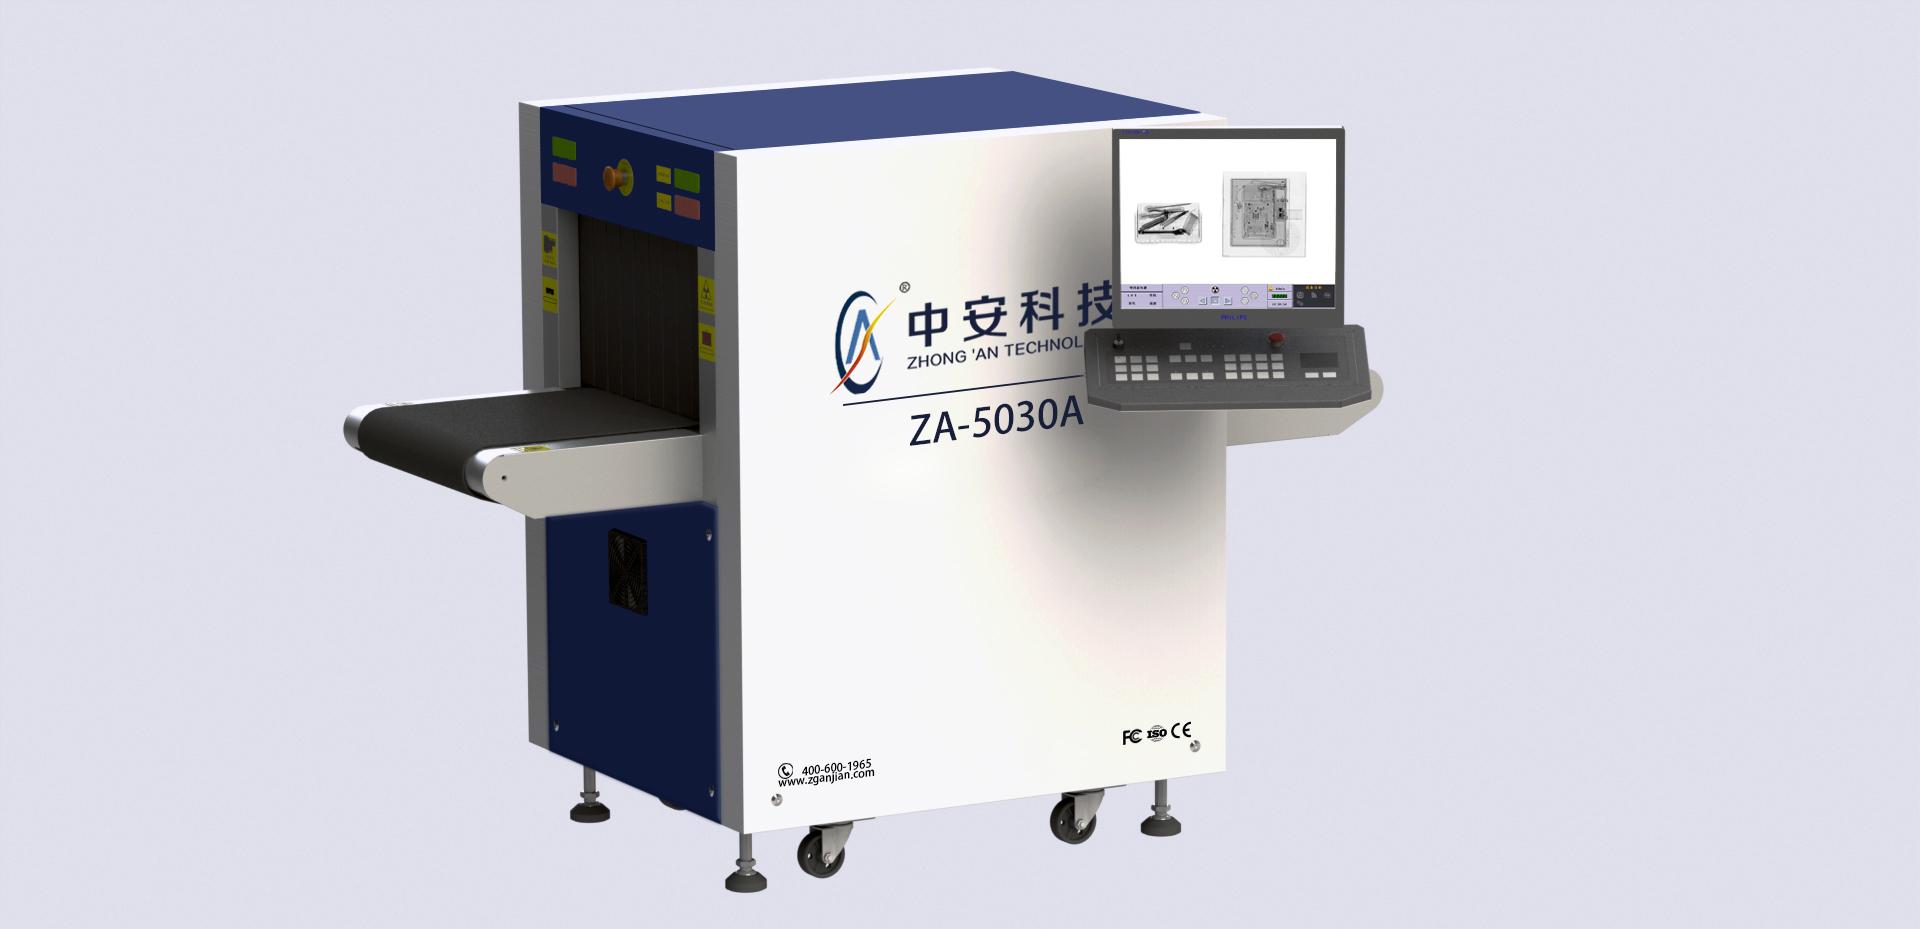 中安YJY-5030A通道式安检x光机